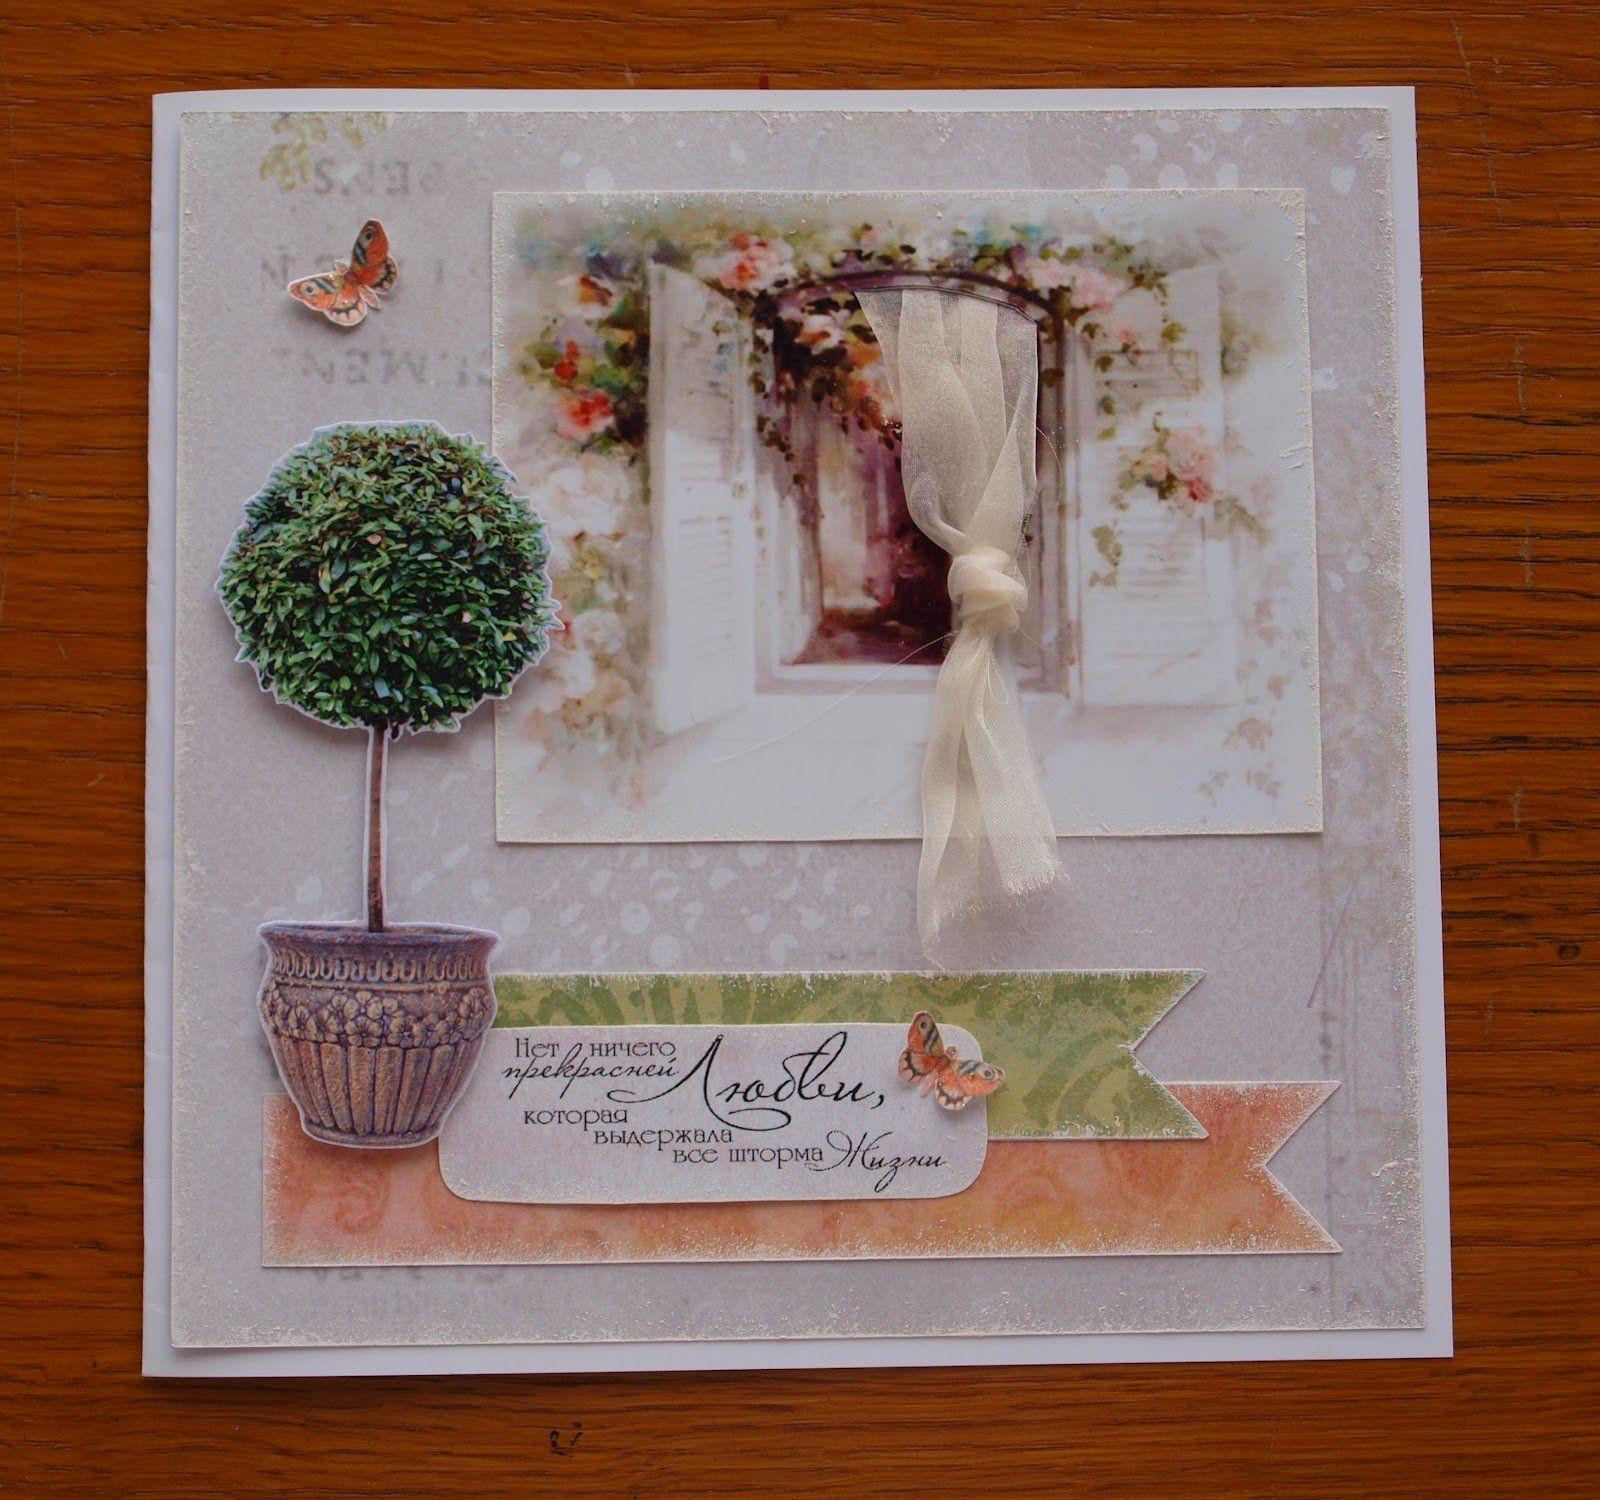 Что подарить родителям на годовщину свадьбы? Идеи подарков 79